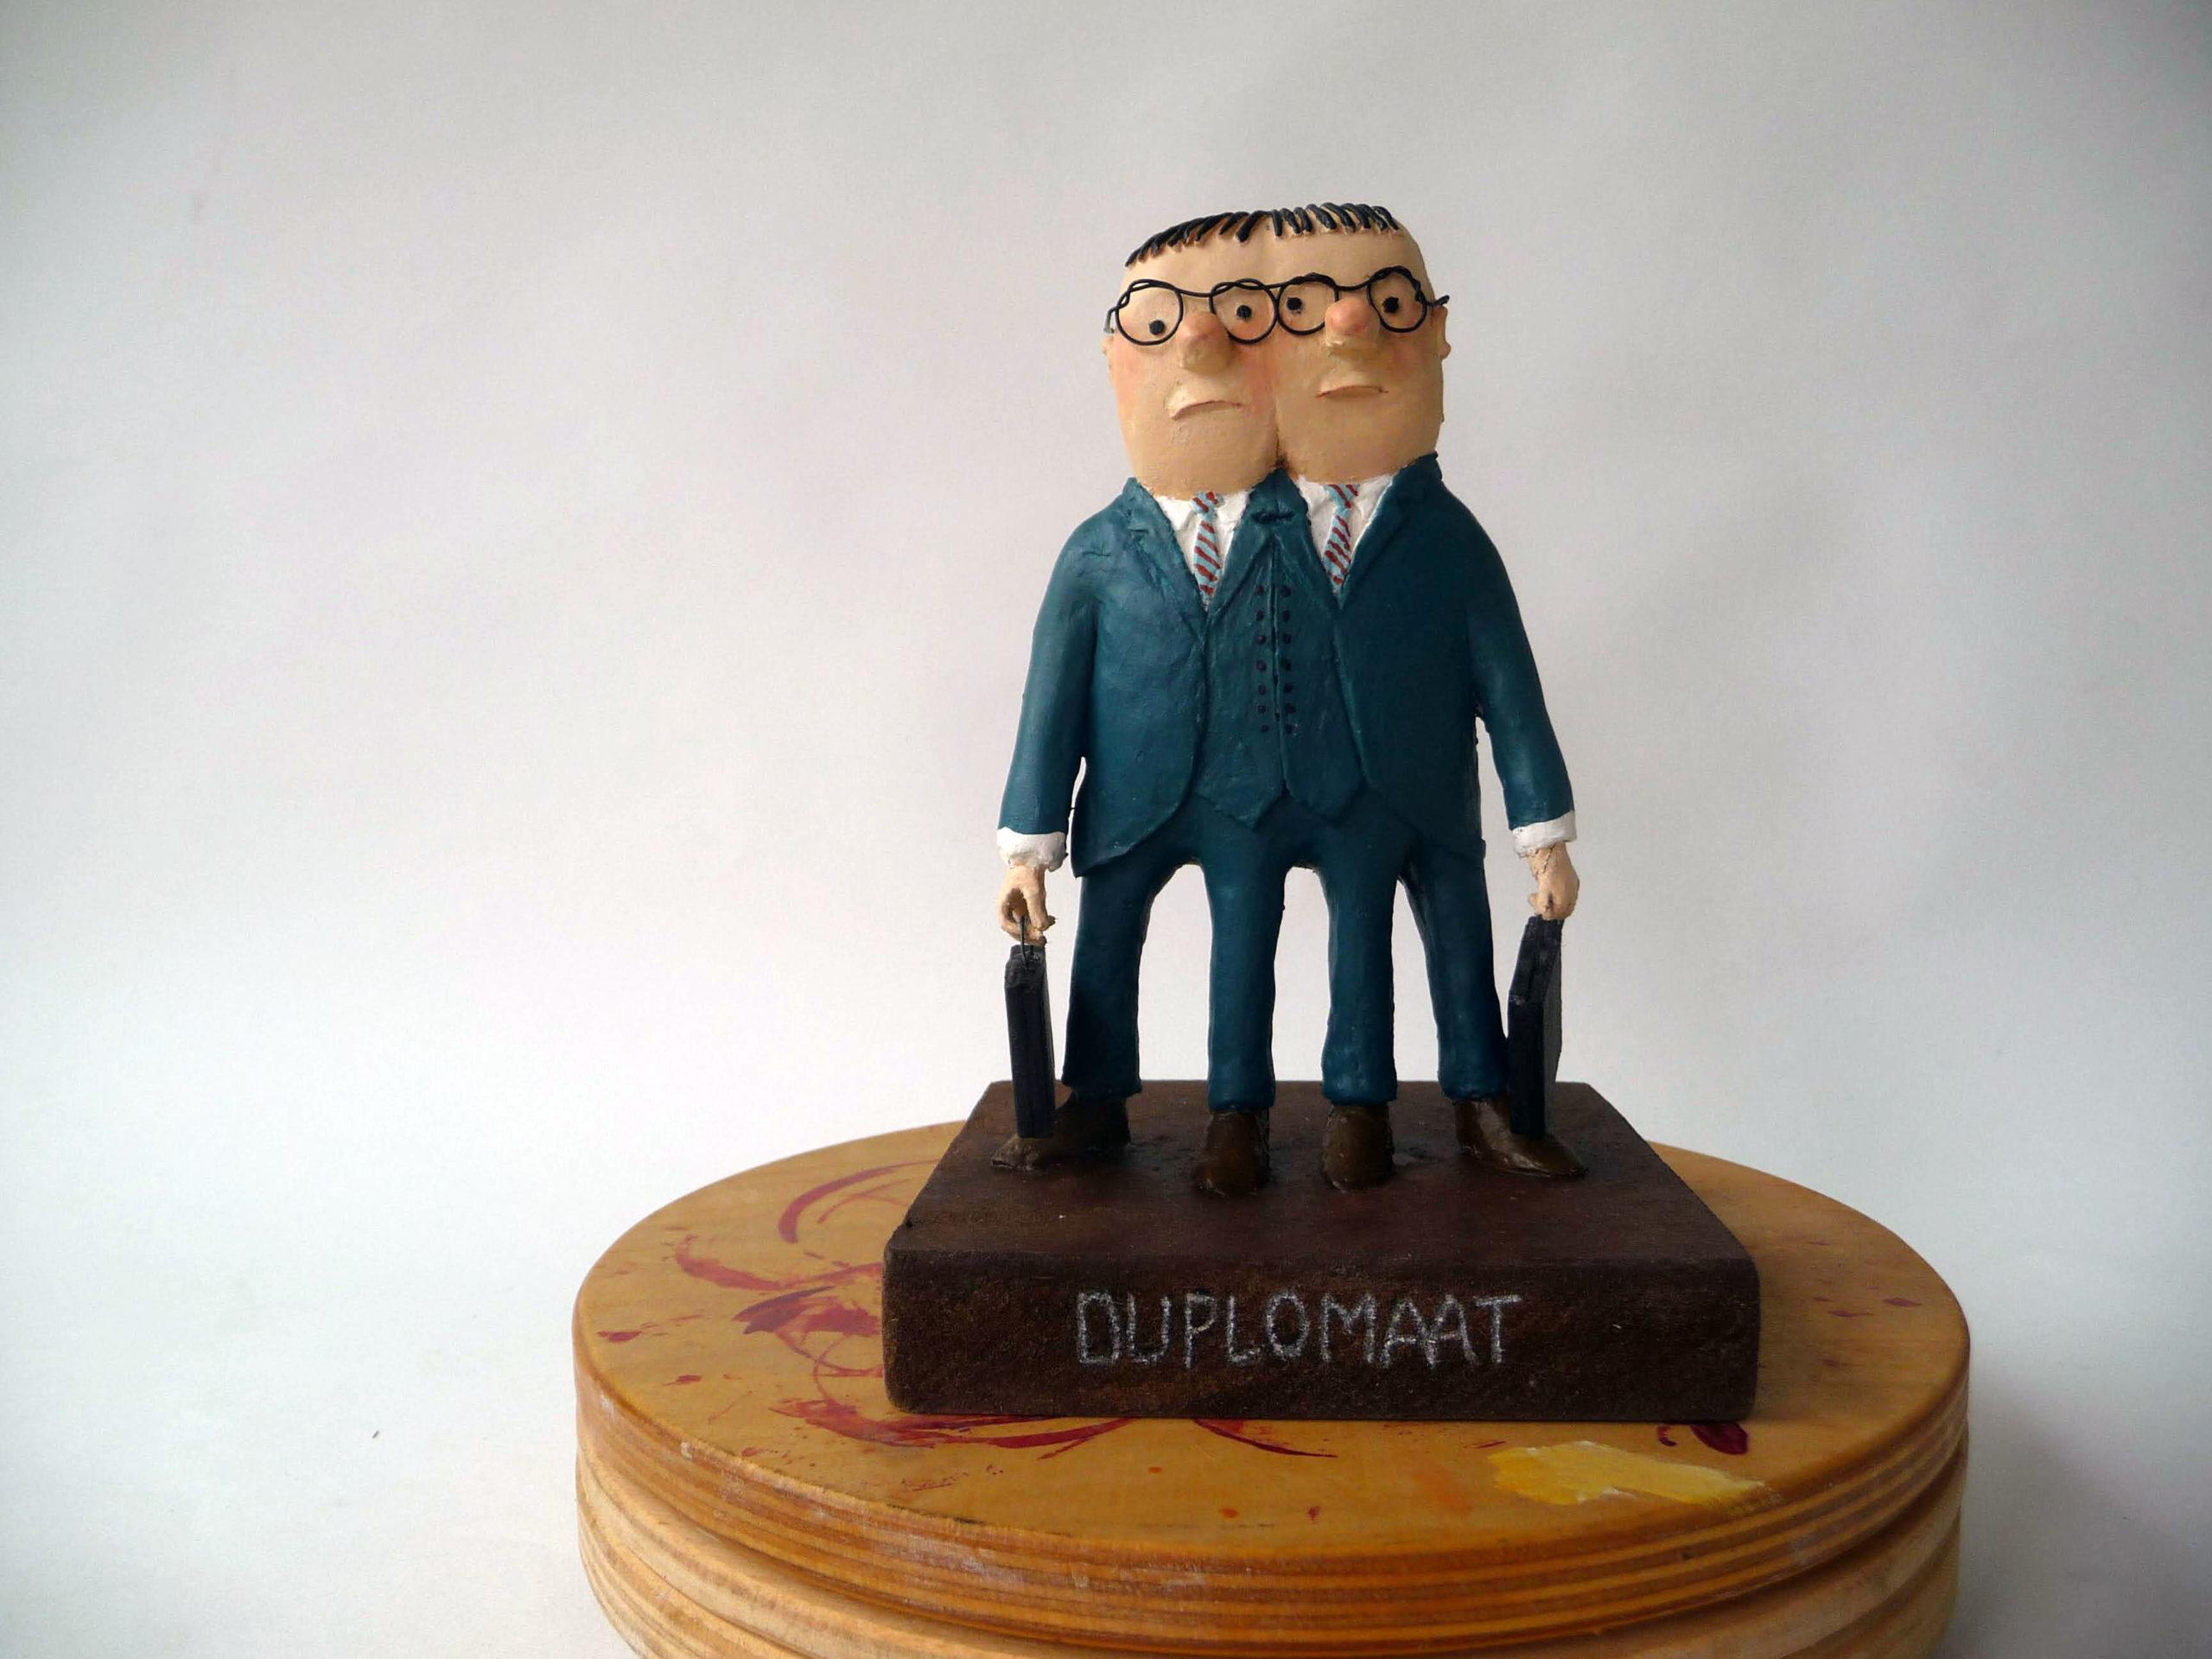 Duplomaat